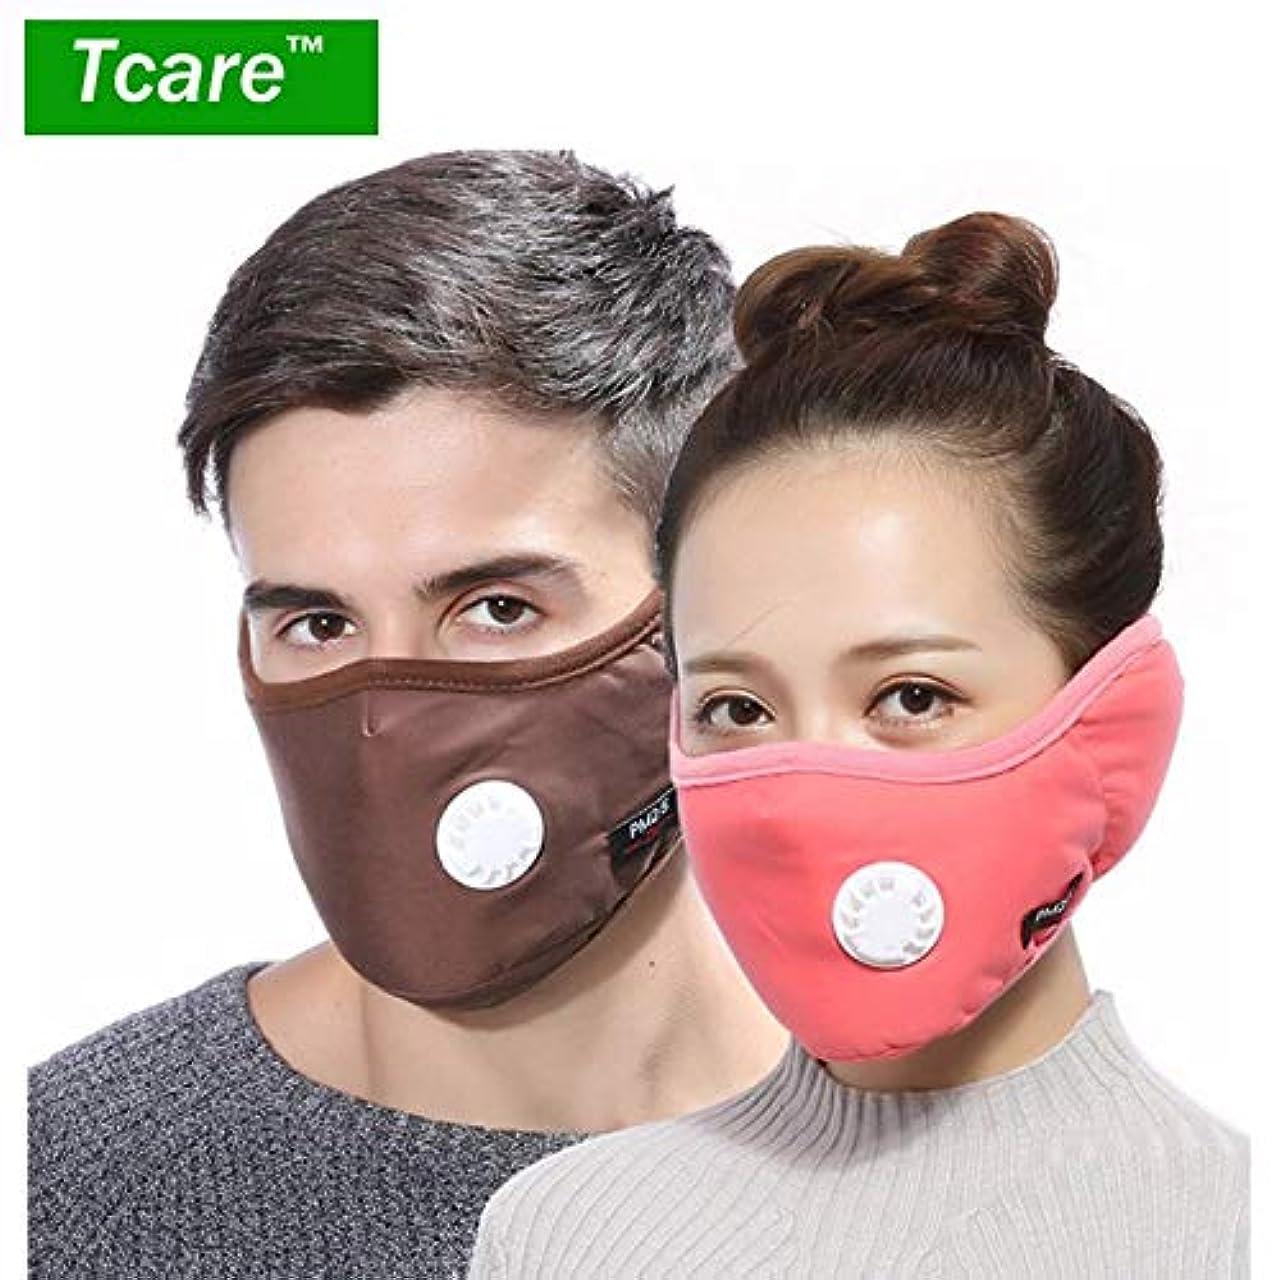 野望木競う4レッド:1 PM2.5マスクバルブコットンアンチダスト口マスクの冬のイヤーマフActtedフィルター付マスクでTcare 2